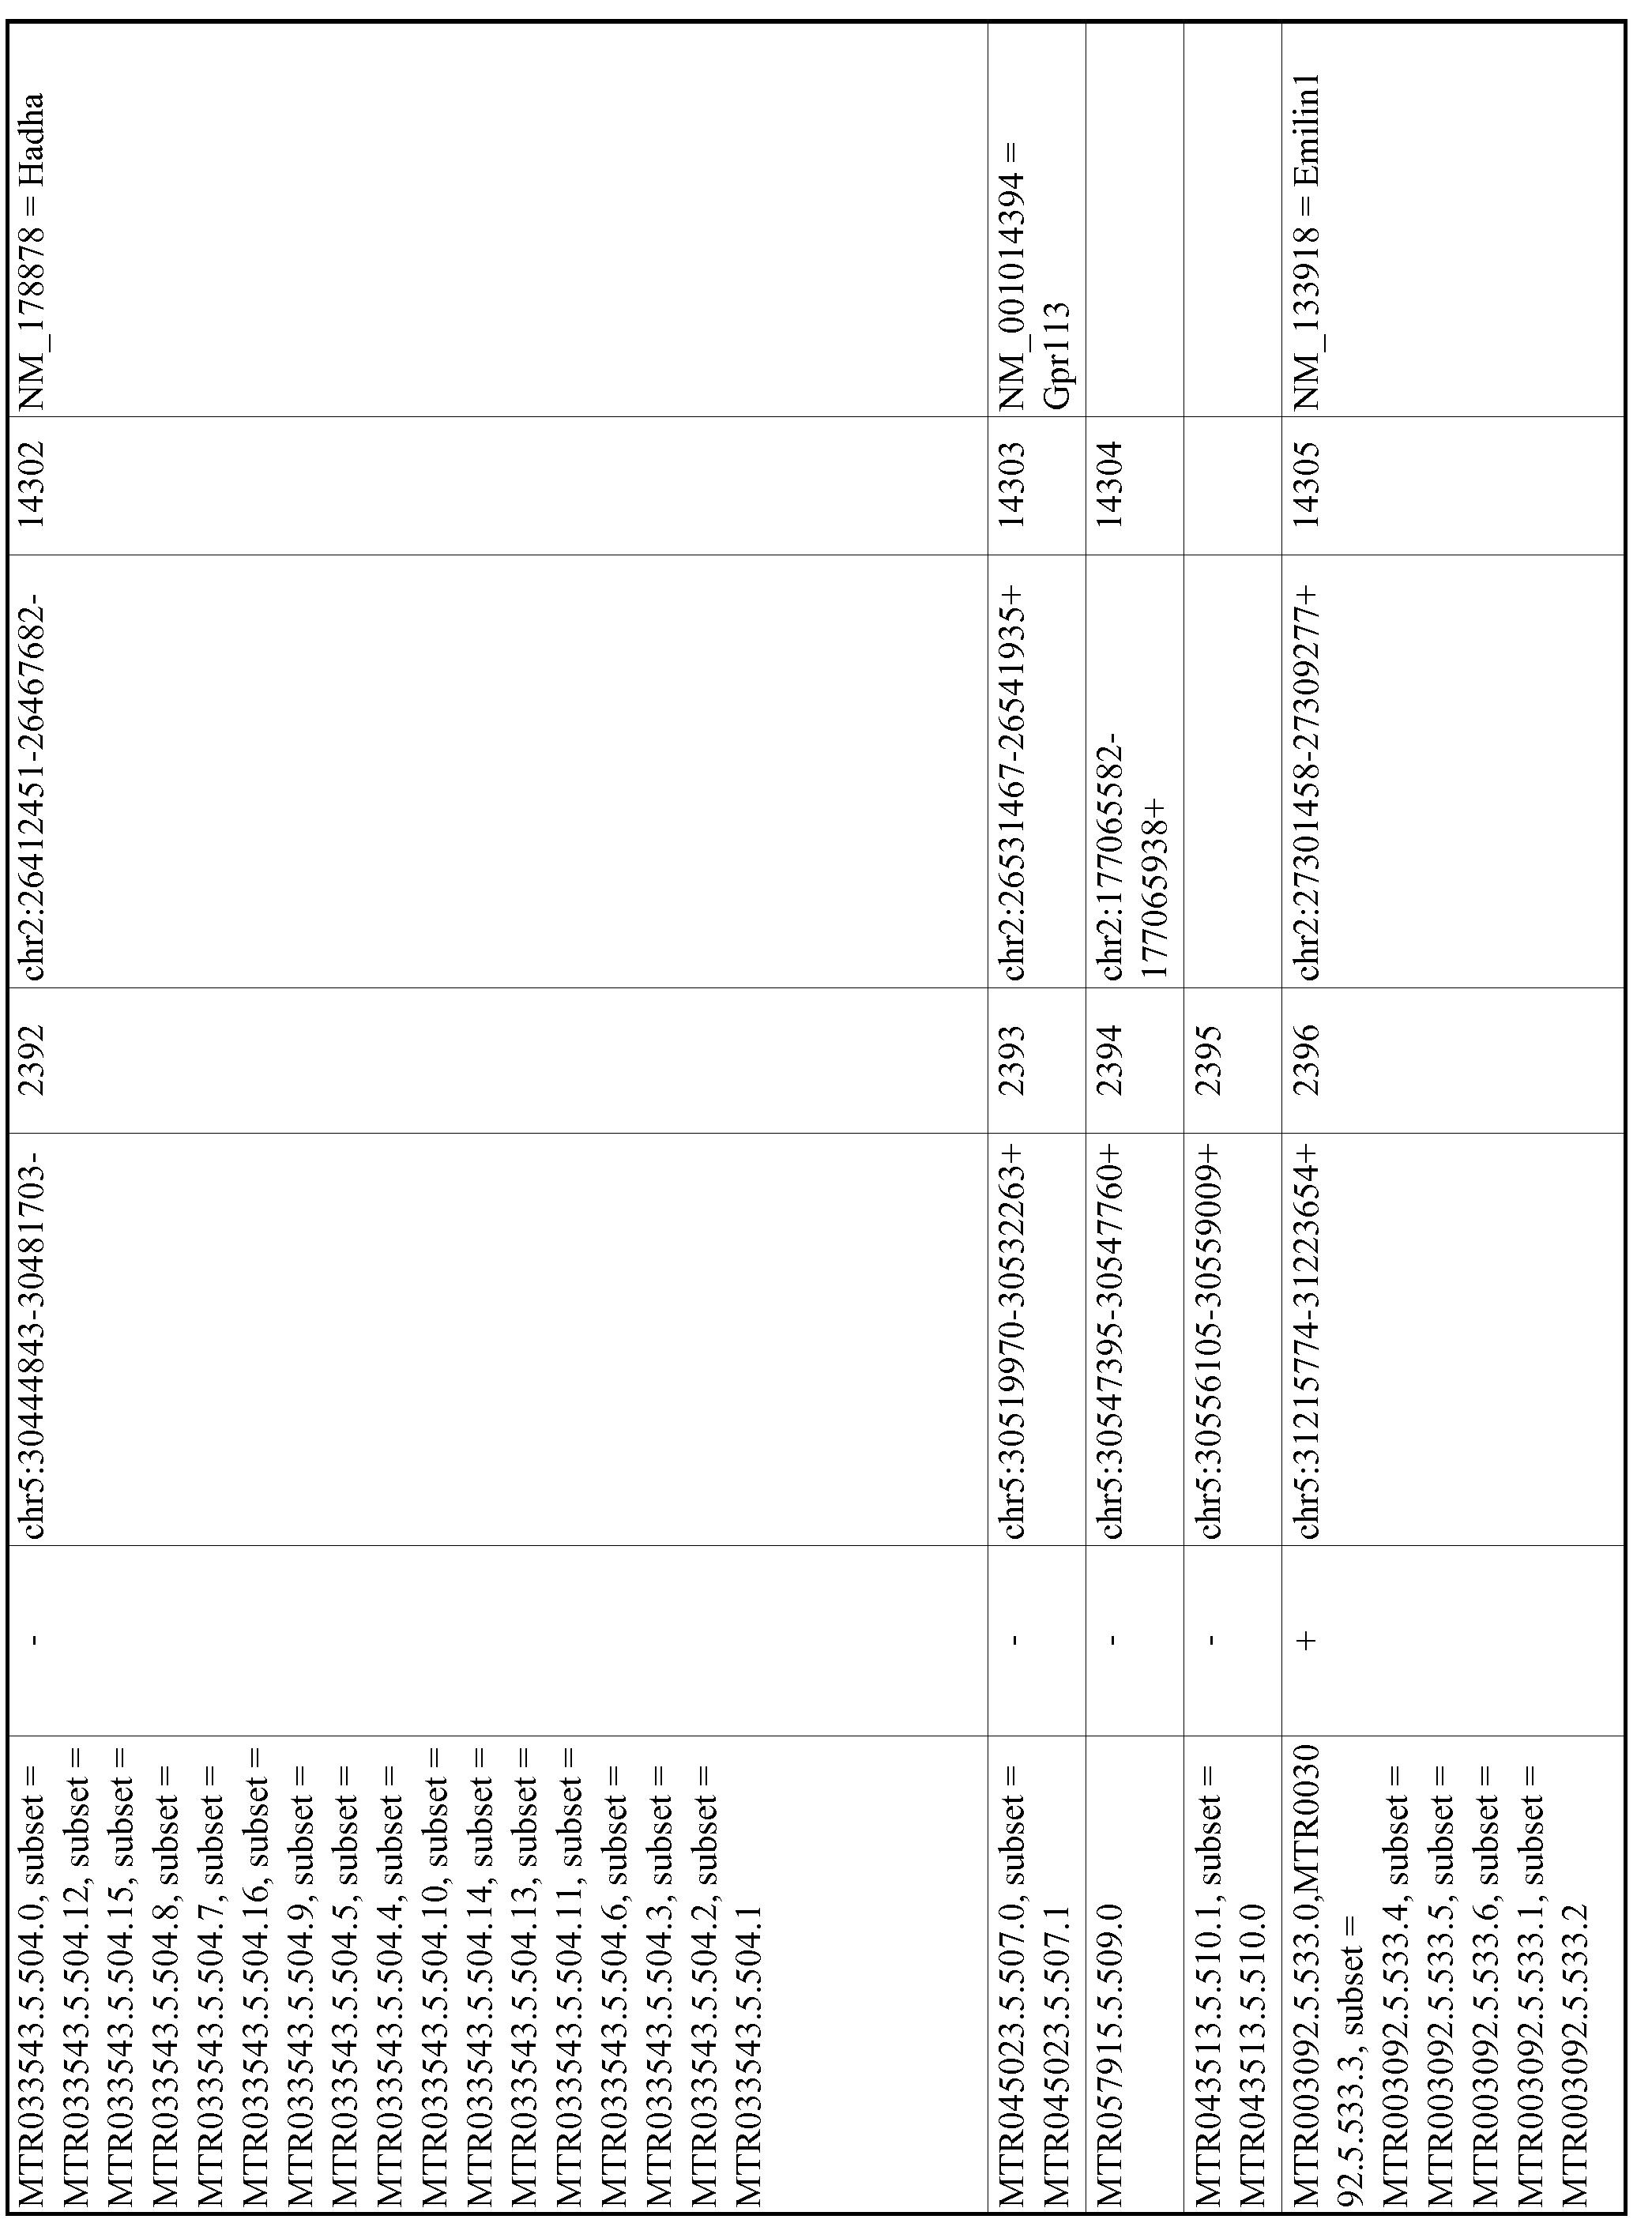 Figure imgf000520_0001